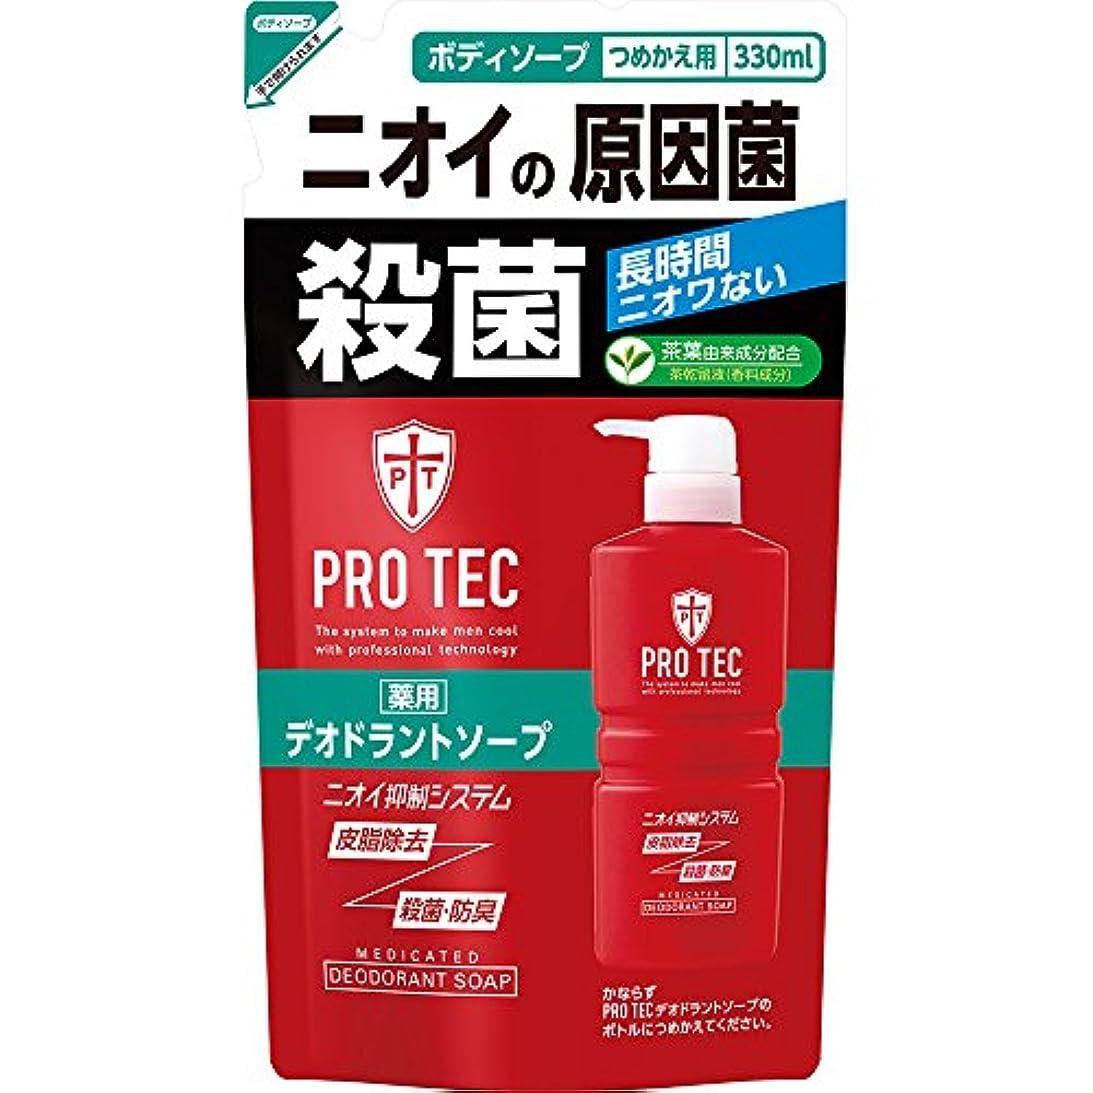 ブロックする機動きゅうりPRO TEC(プロテク) デオドラントソープ つめかえ用330ml×1個(医薬部外品)